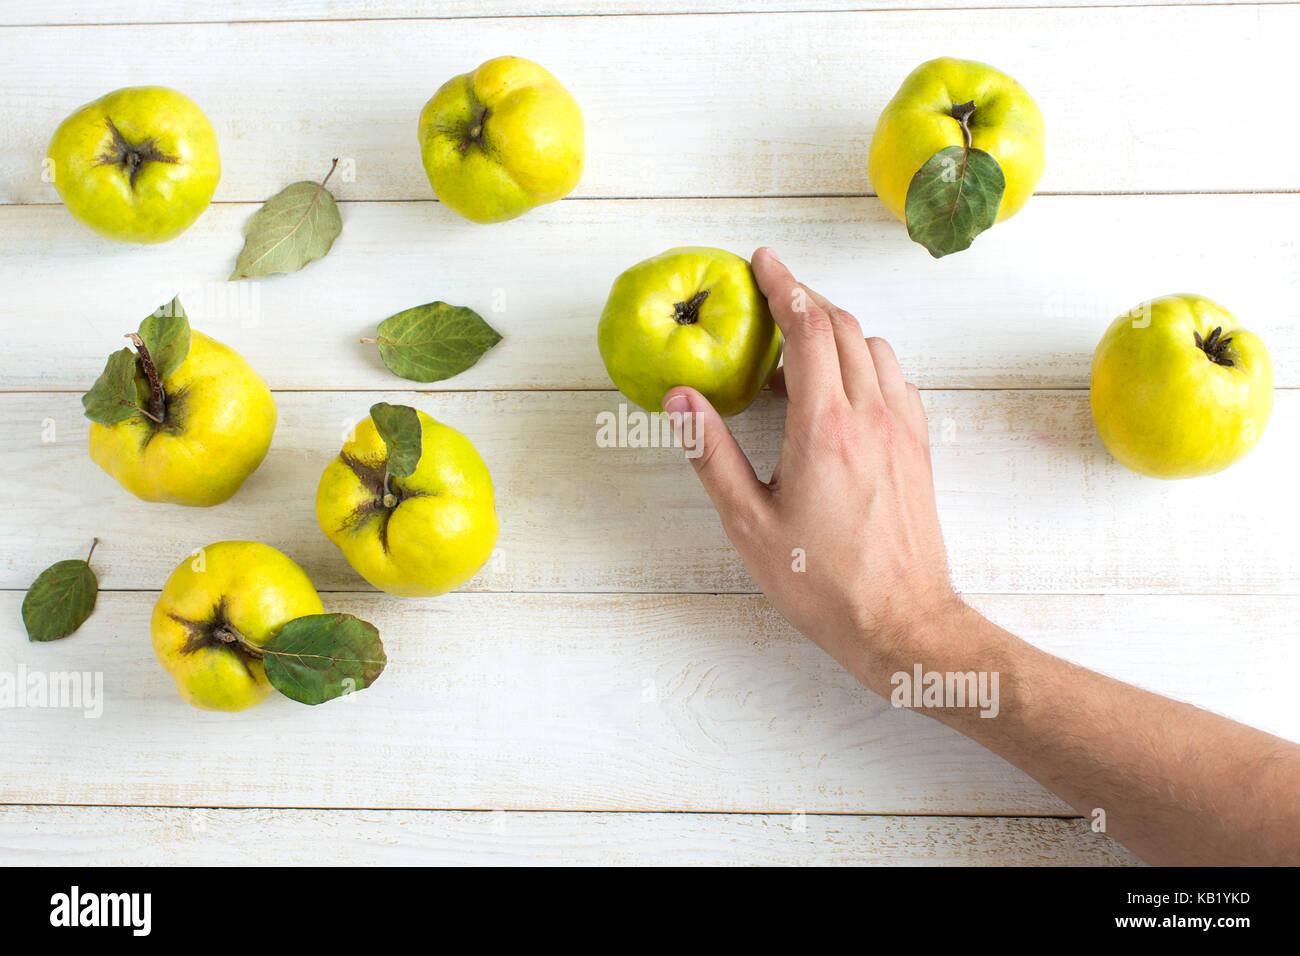 Ernte, Herbst, Unterhaltung Konzept. zarte Hand der kaukasischen Menschen berühren Gelb grüne Früchte, Stockbild